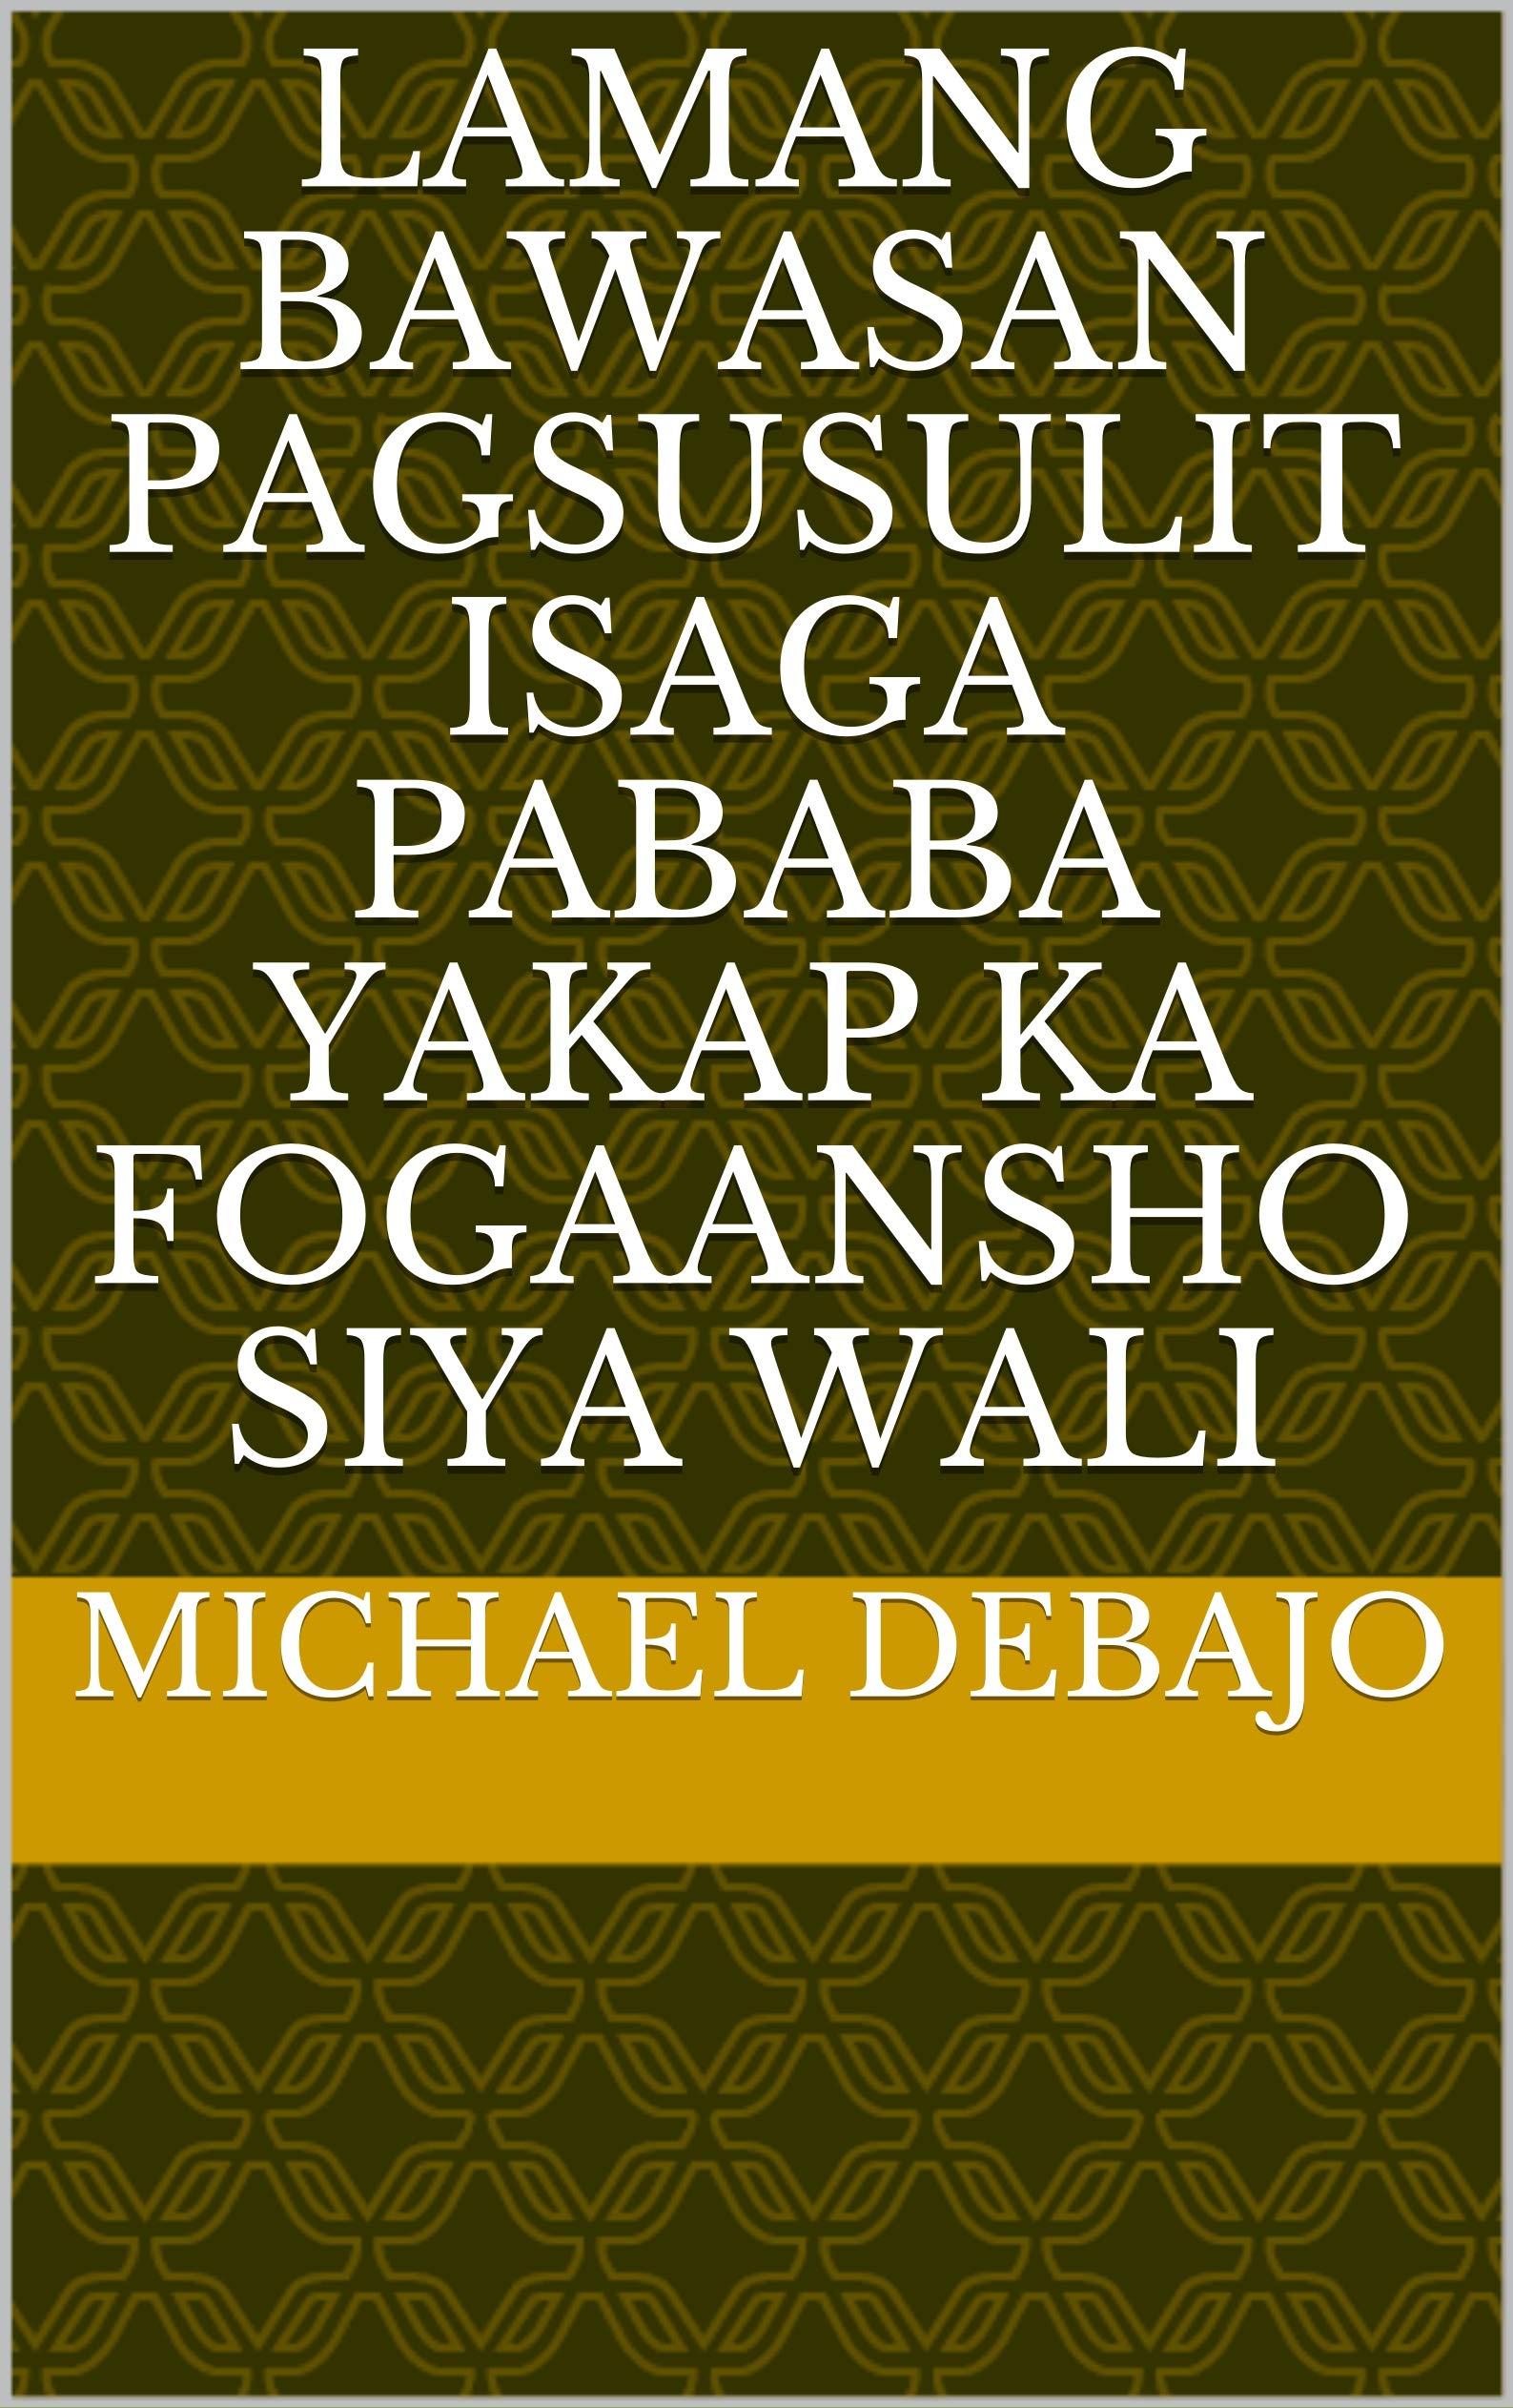 lamang bawasan pagsusulit isaga pababa yakap ka fogaansho siya wali (Italian Edition)